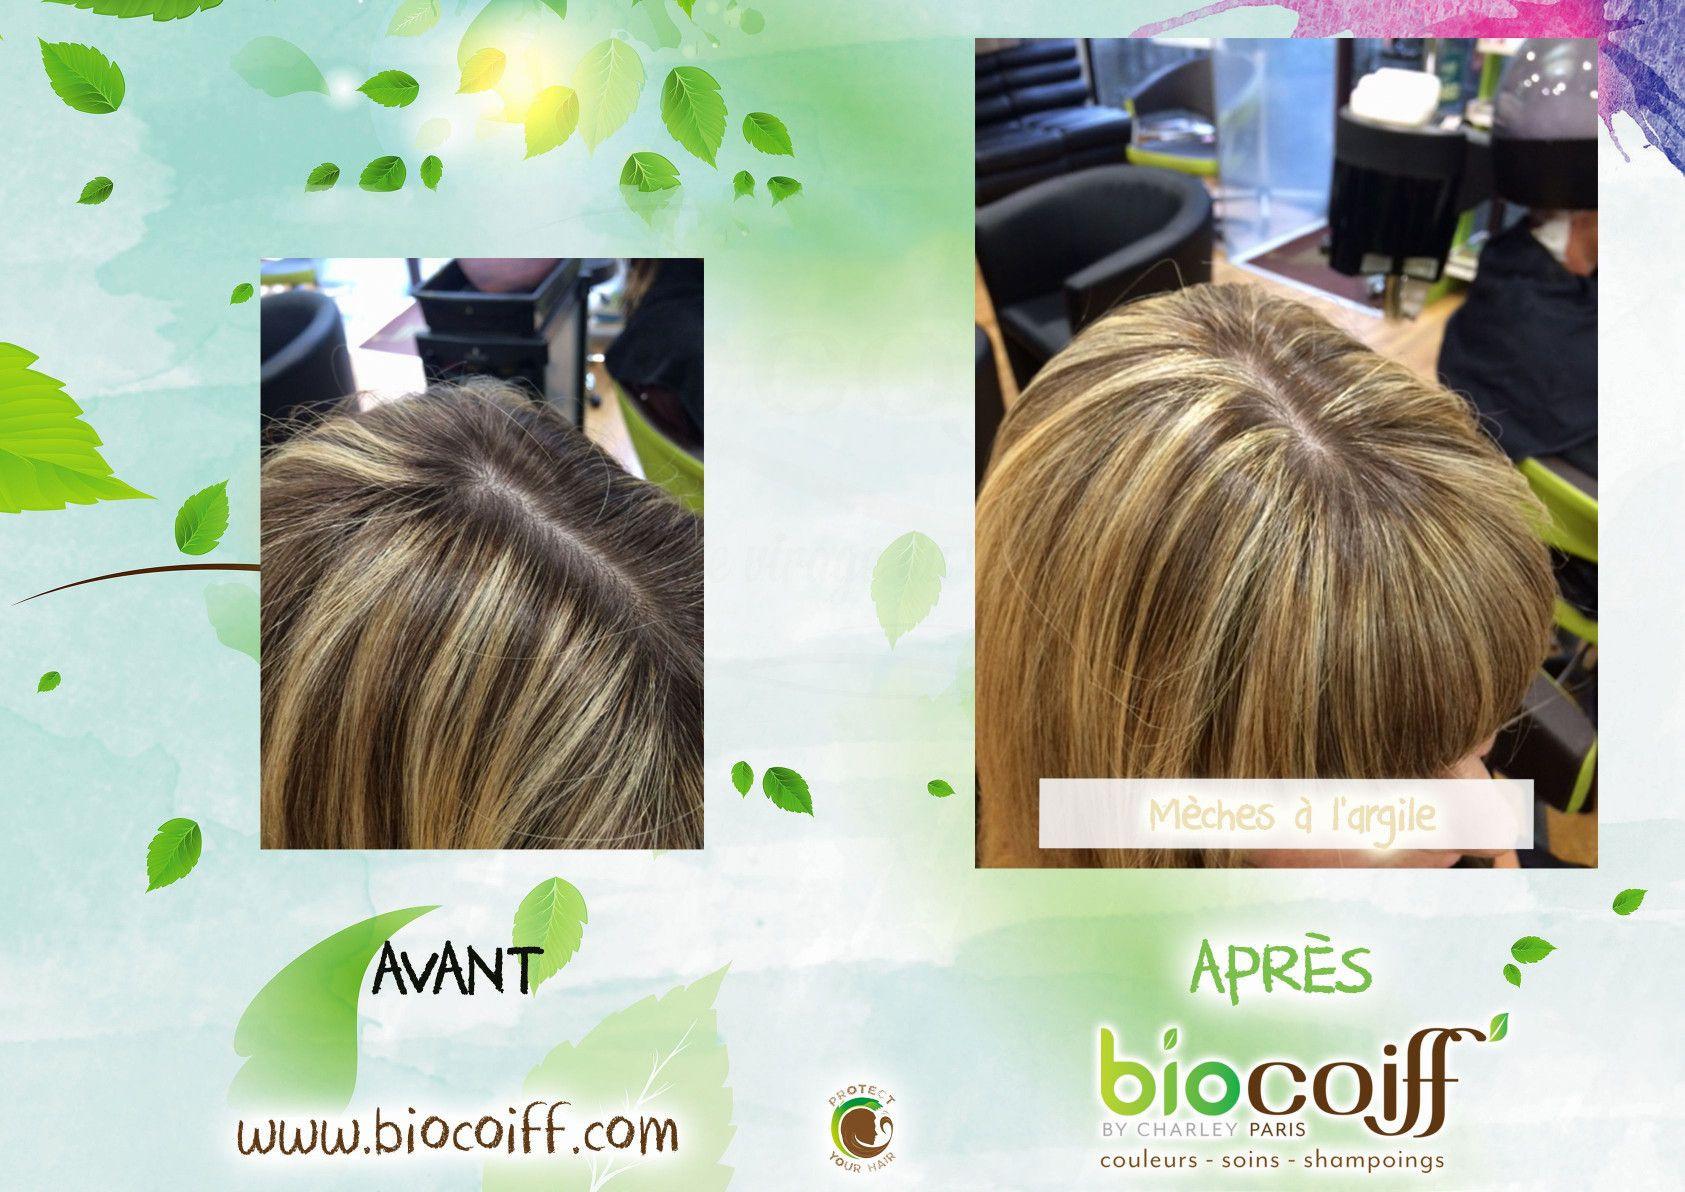 image de coiffure salon de jardin nancy ainsi que coiffure nancy best voiture de luxe of image de coiffure